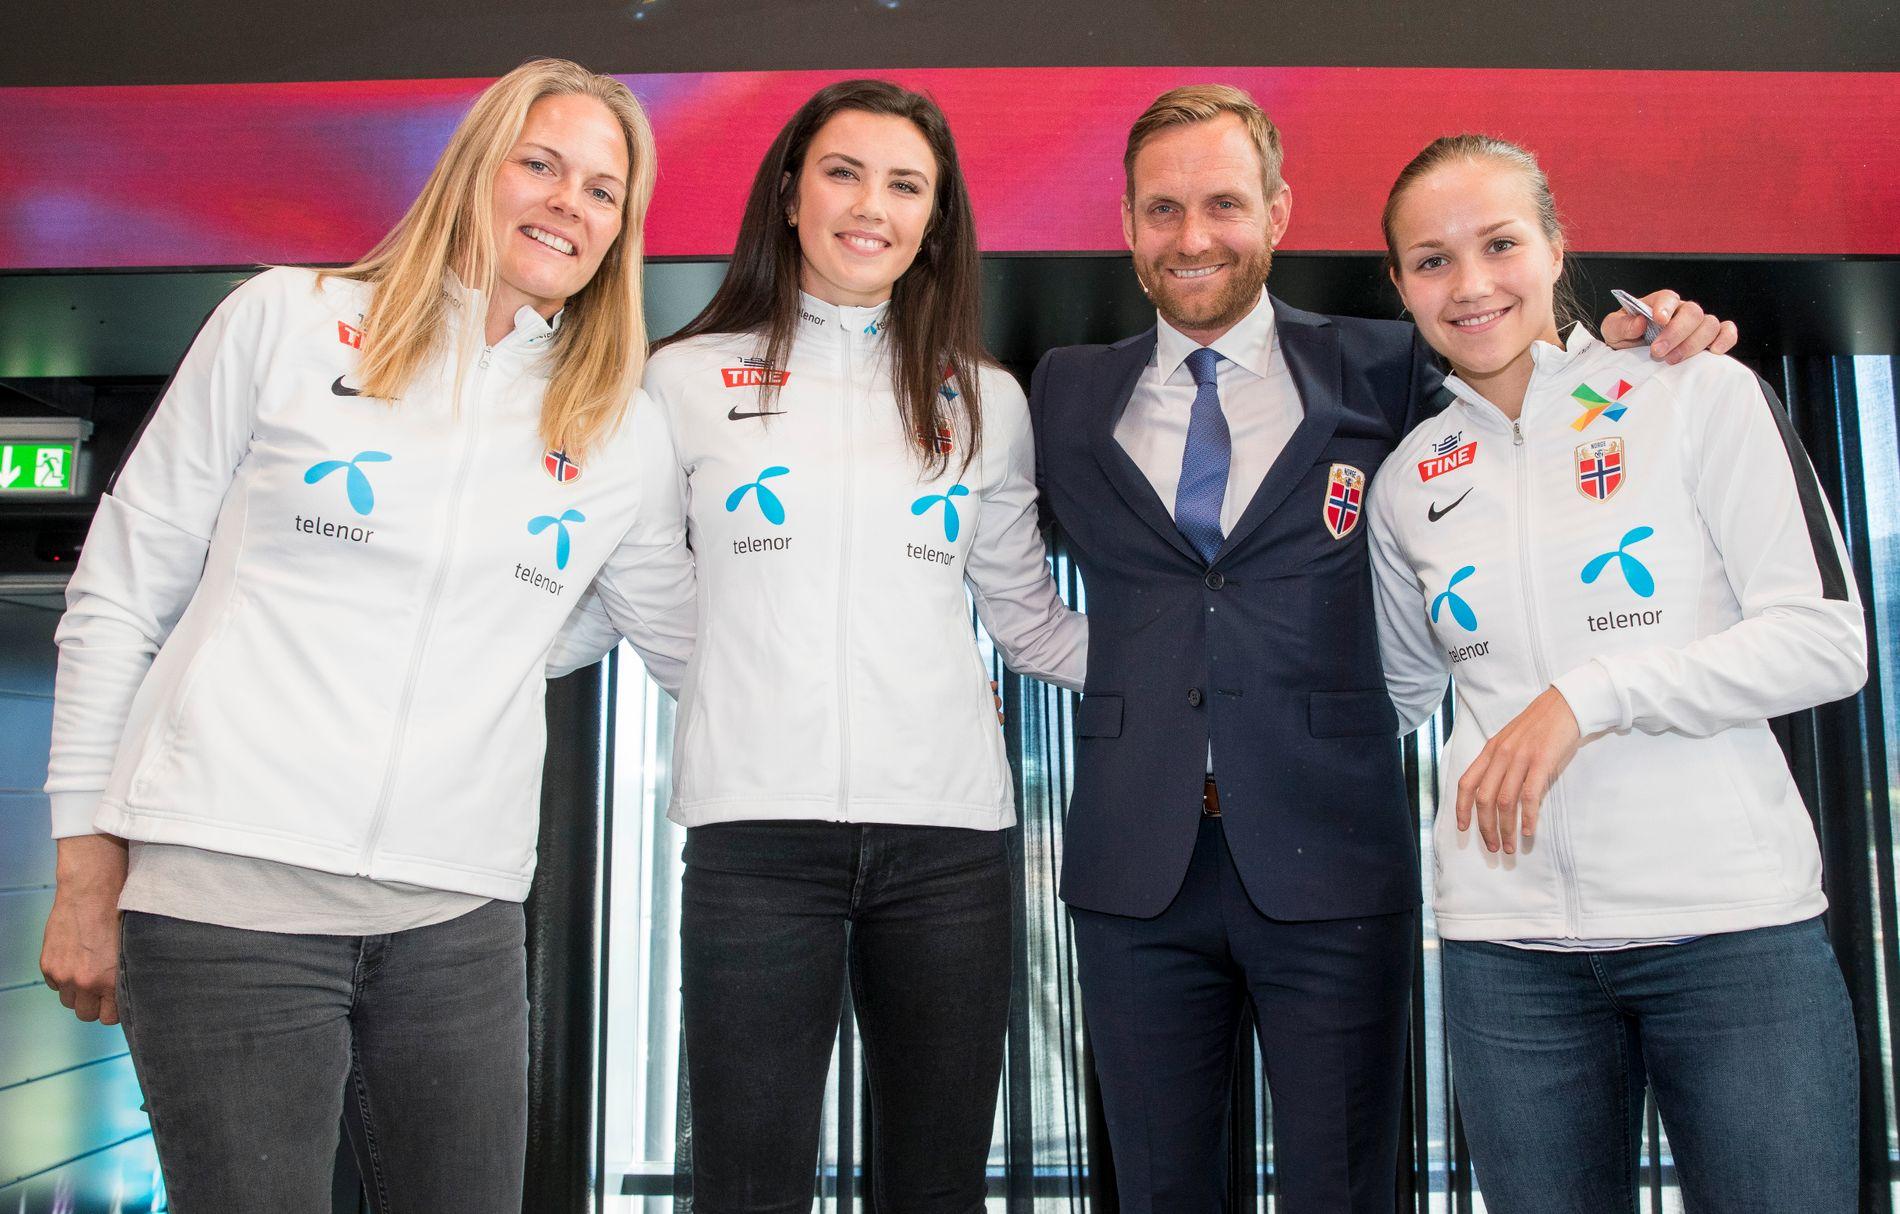 Ingrid Hjelmseth, Ingrid Syrstad Engen, landslagssjef Martin Sjögren og Guro Reiten er klare for VM i Frankrike.